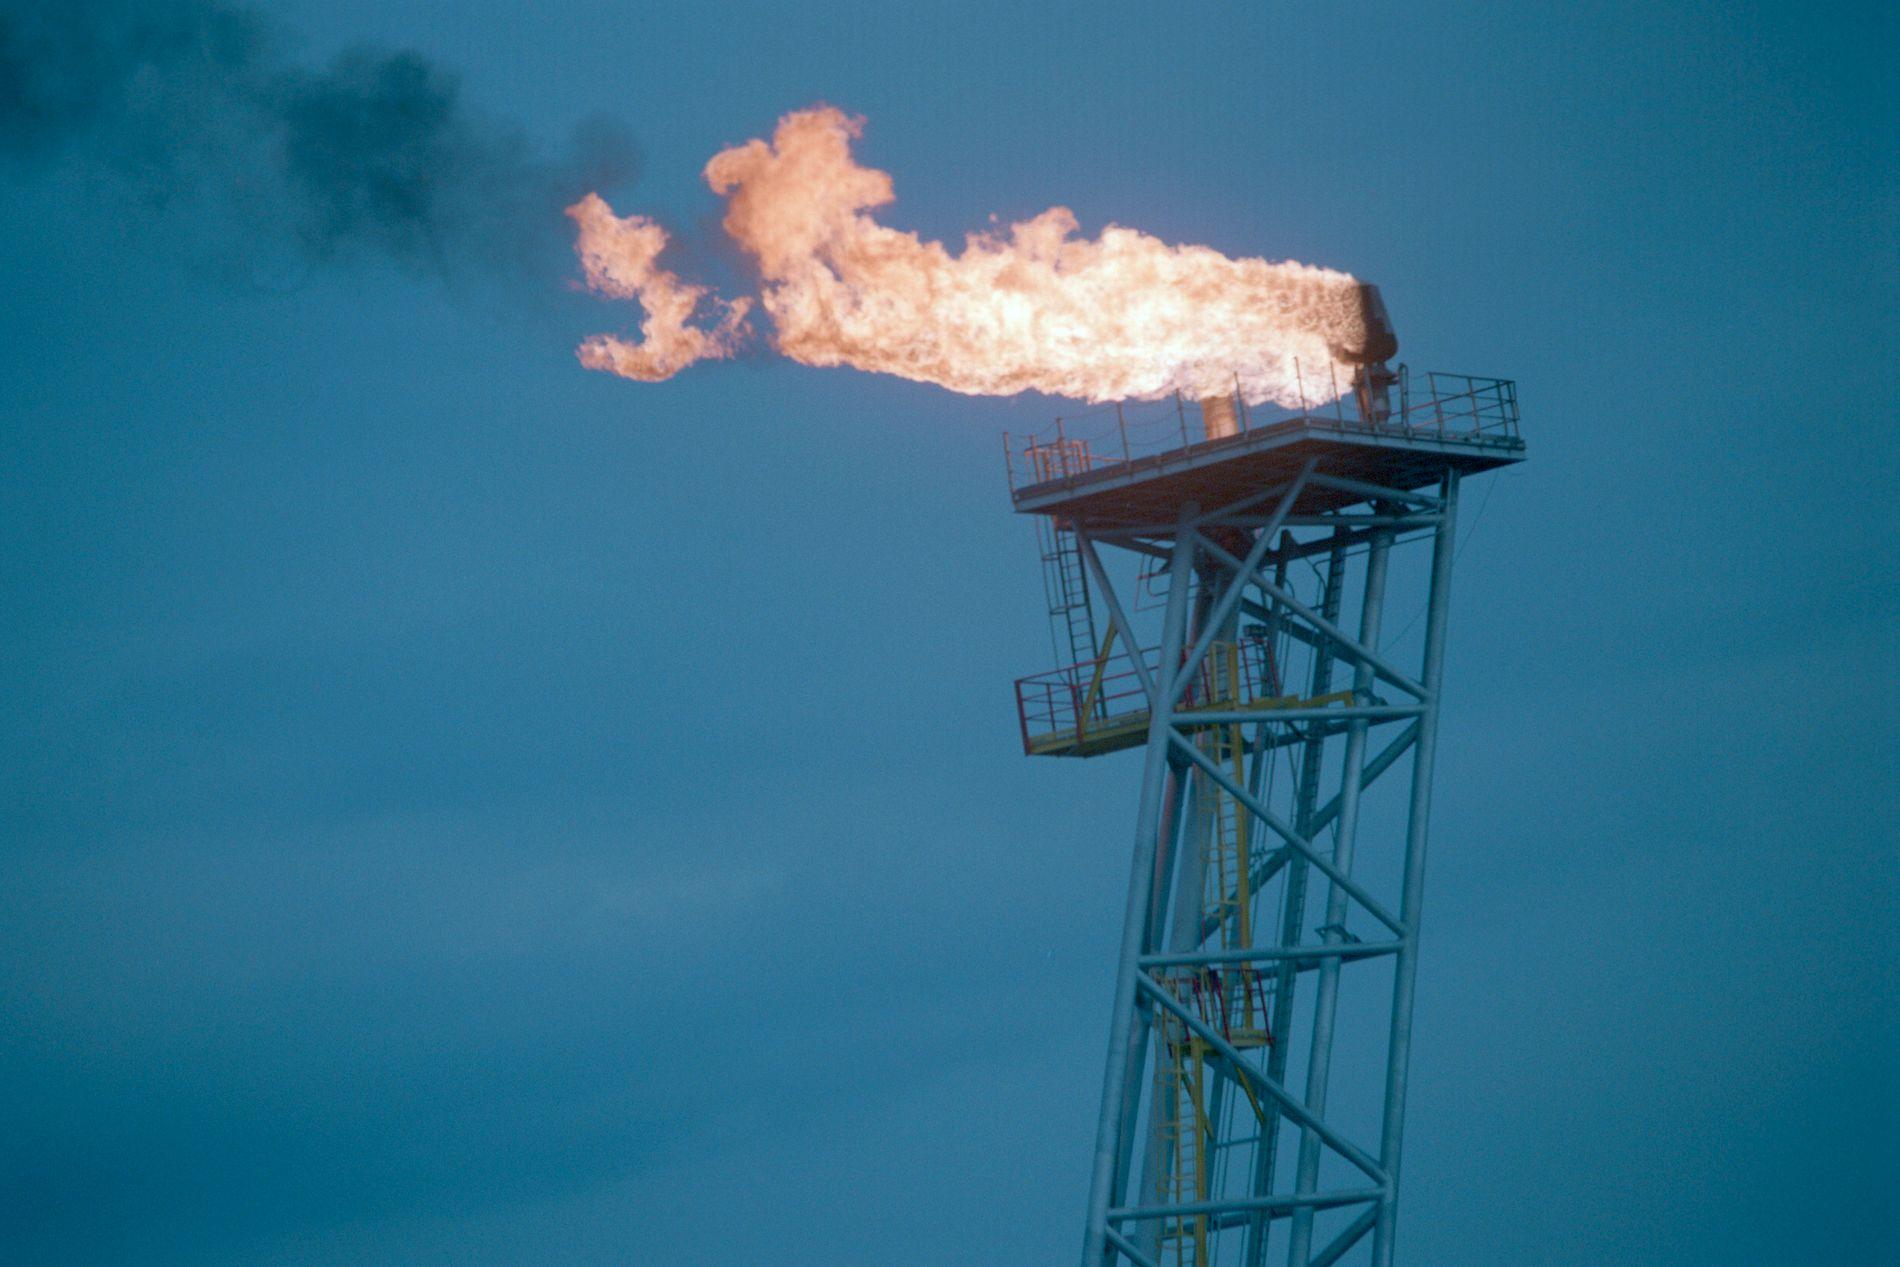 KLIMAVERSTING:  Olje- og gassektoren er selve «elefanten i rommet», og den vil hele tiden påse at ingen politikere beslutter noe som går utover denne sektoren, skriver Johan L. Olsen.